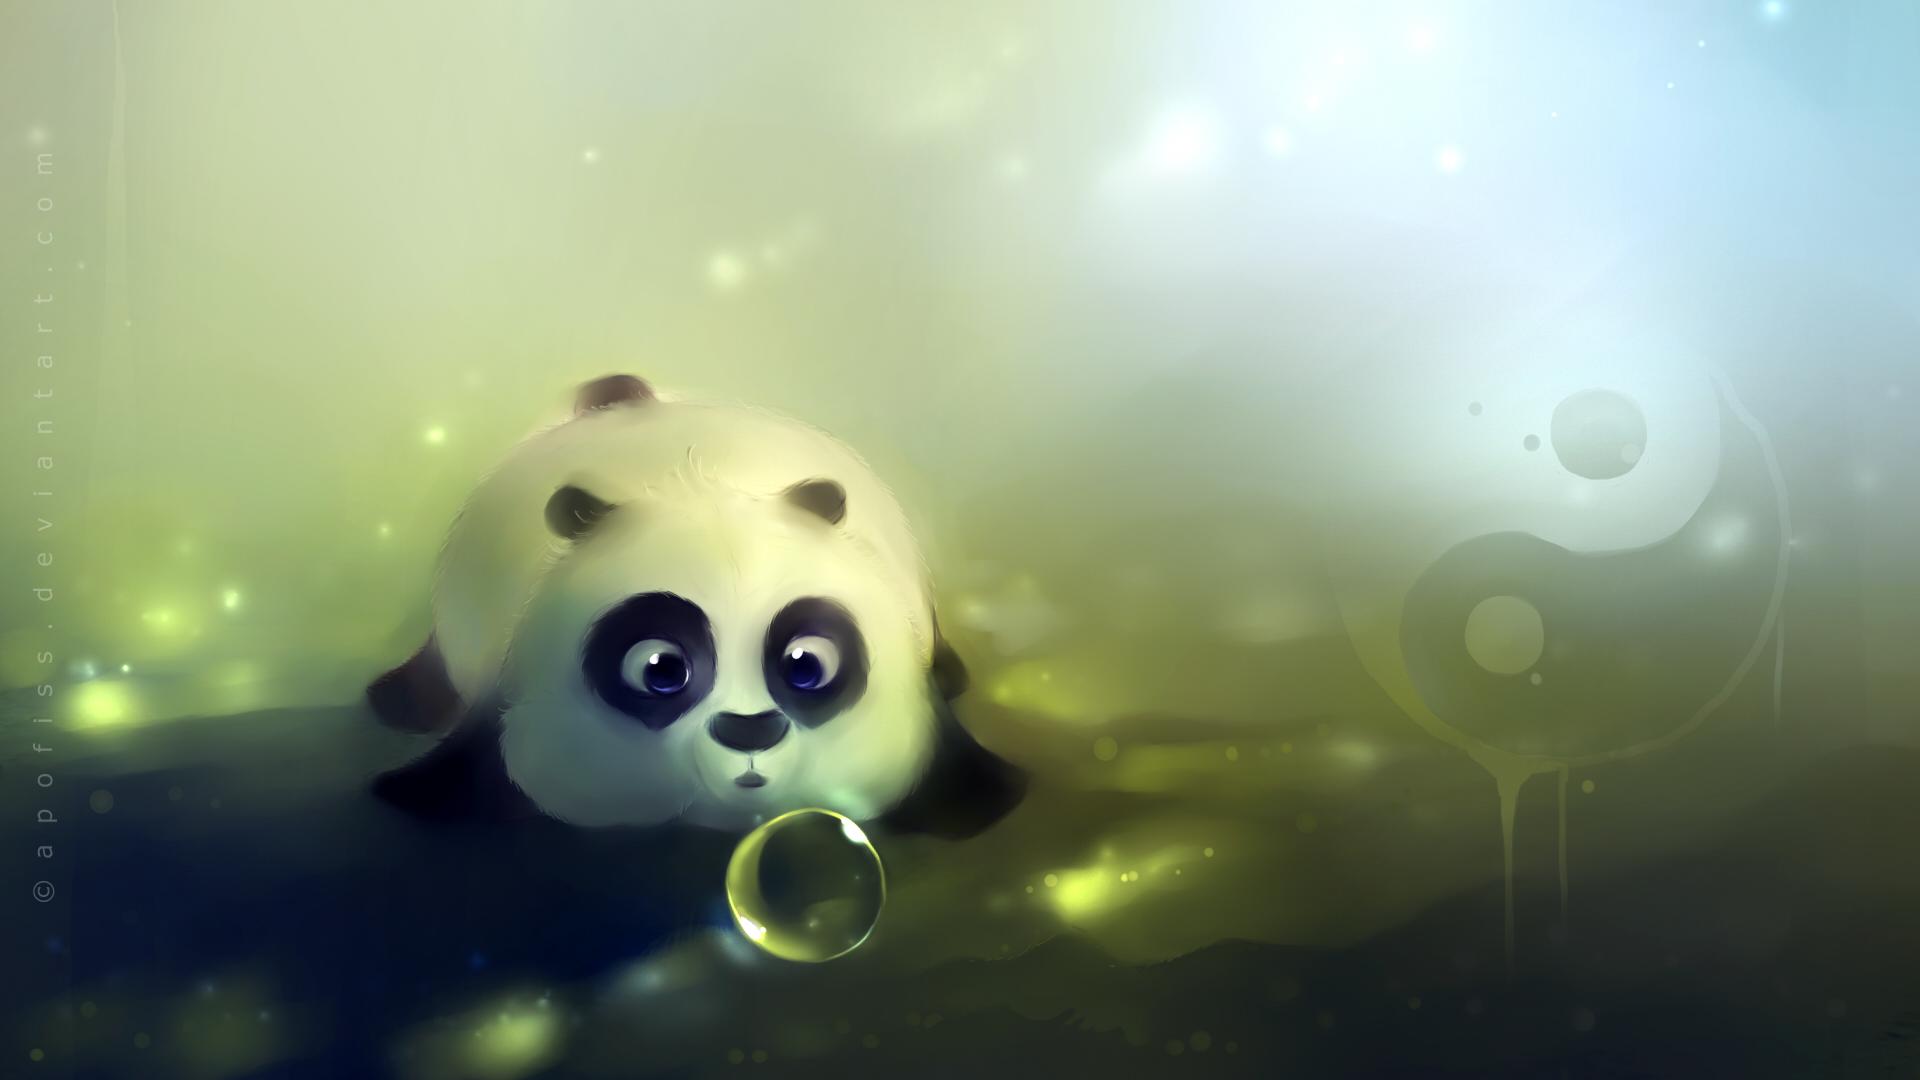 大熊猫图片大全 高清大图 动物壁纸-第2张